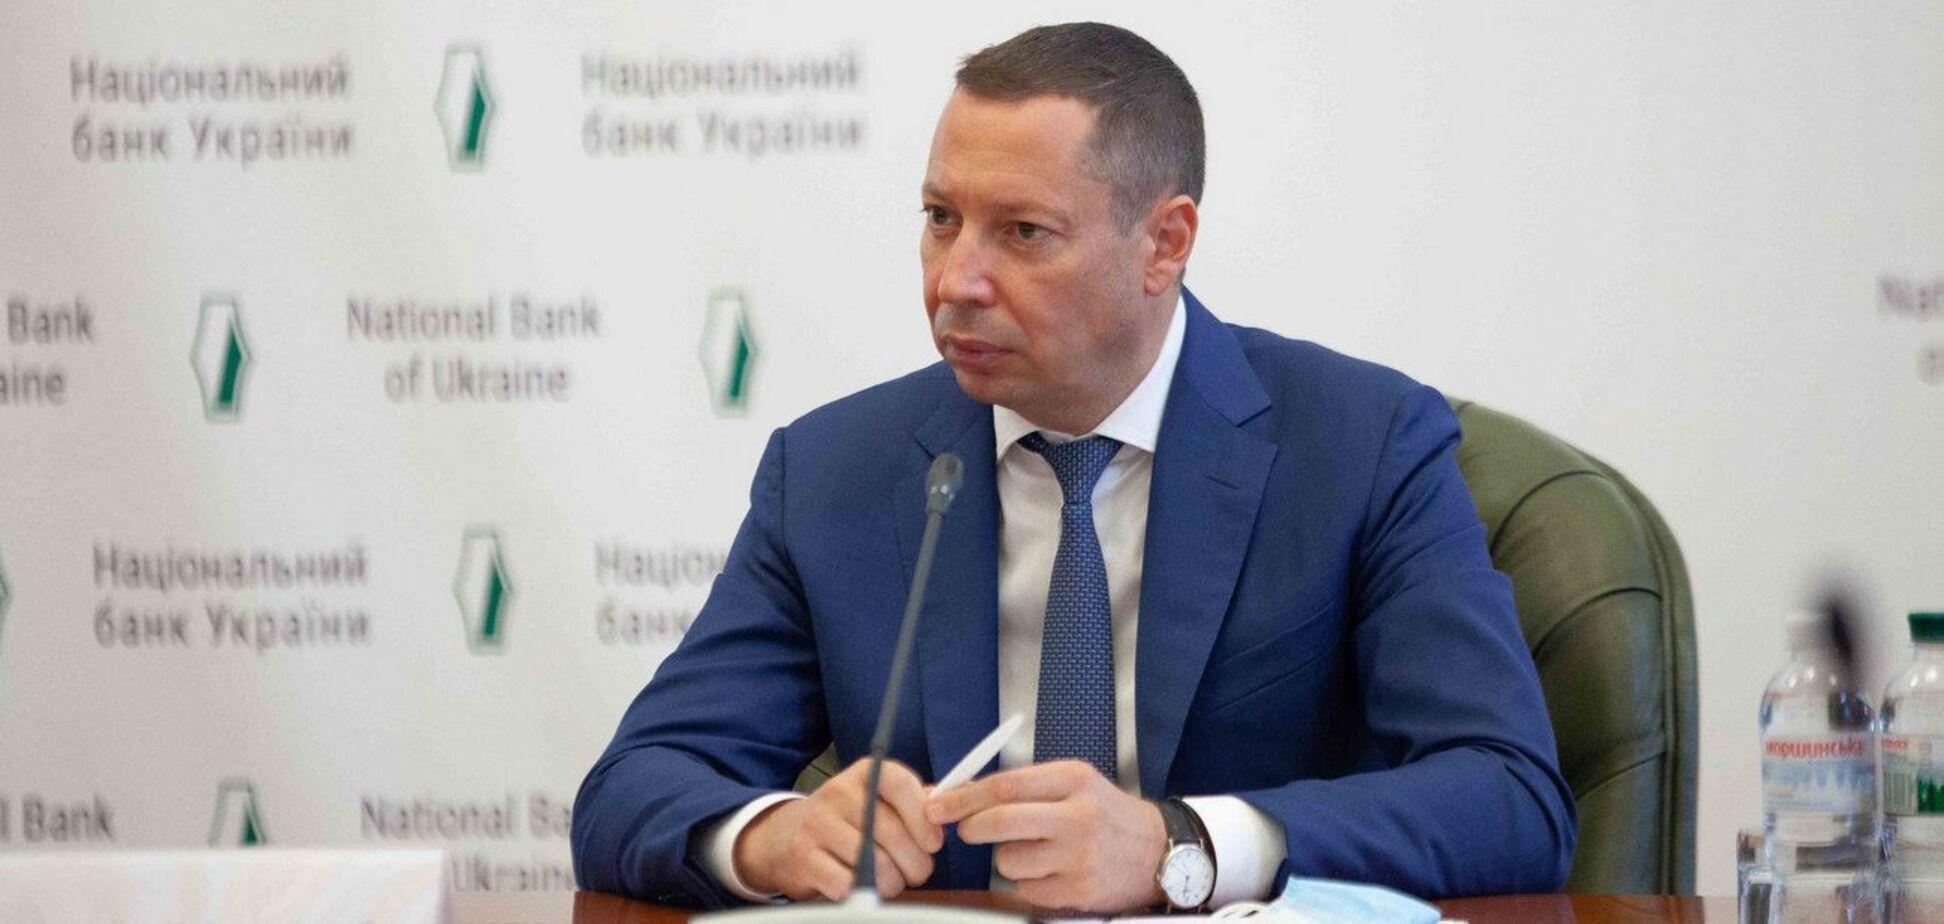 Глава НБУ Шевченко: давление на центробанк несет риск девальвации